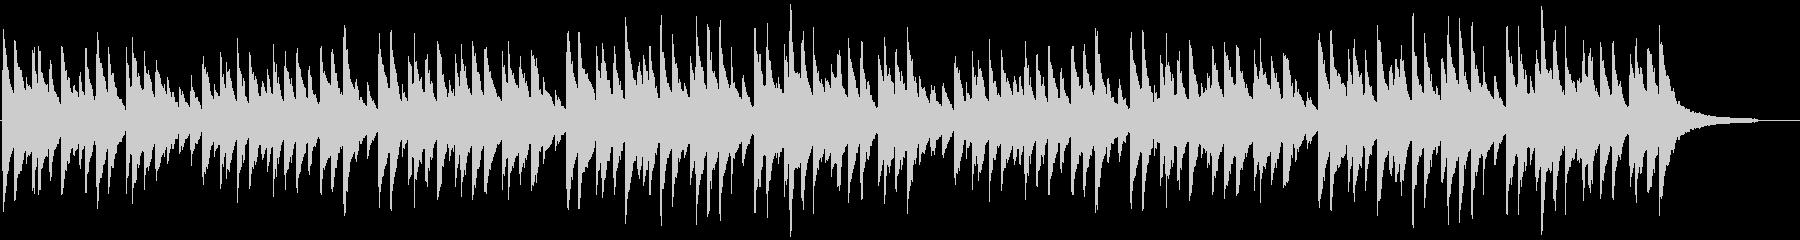 「蛍の光」 ピアノ伴奏の未再生の波形